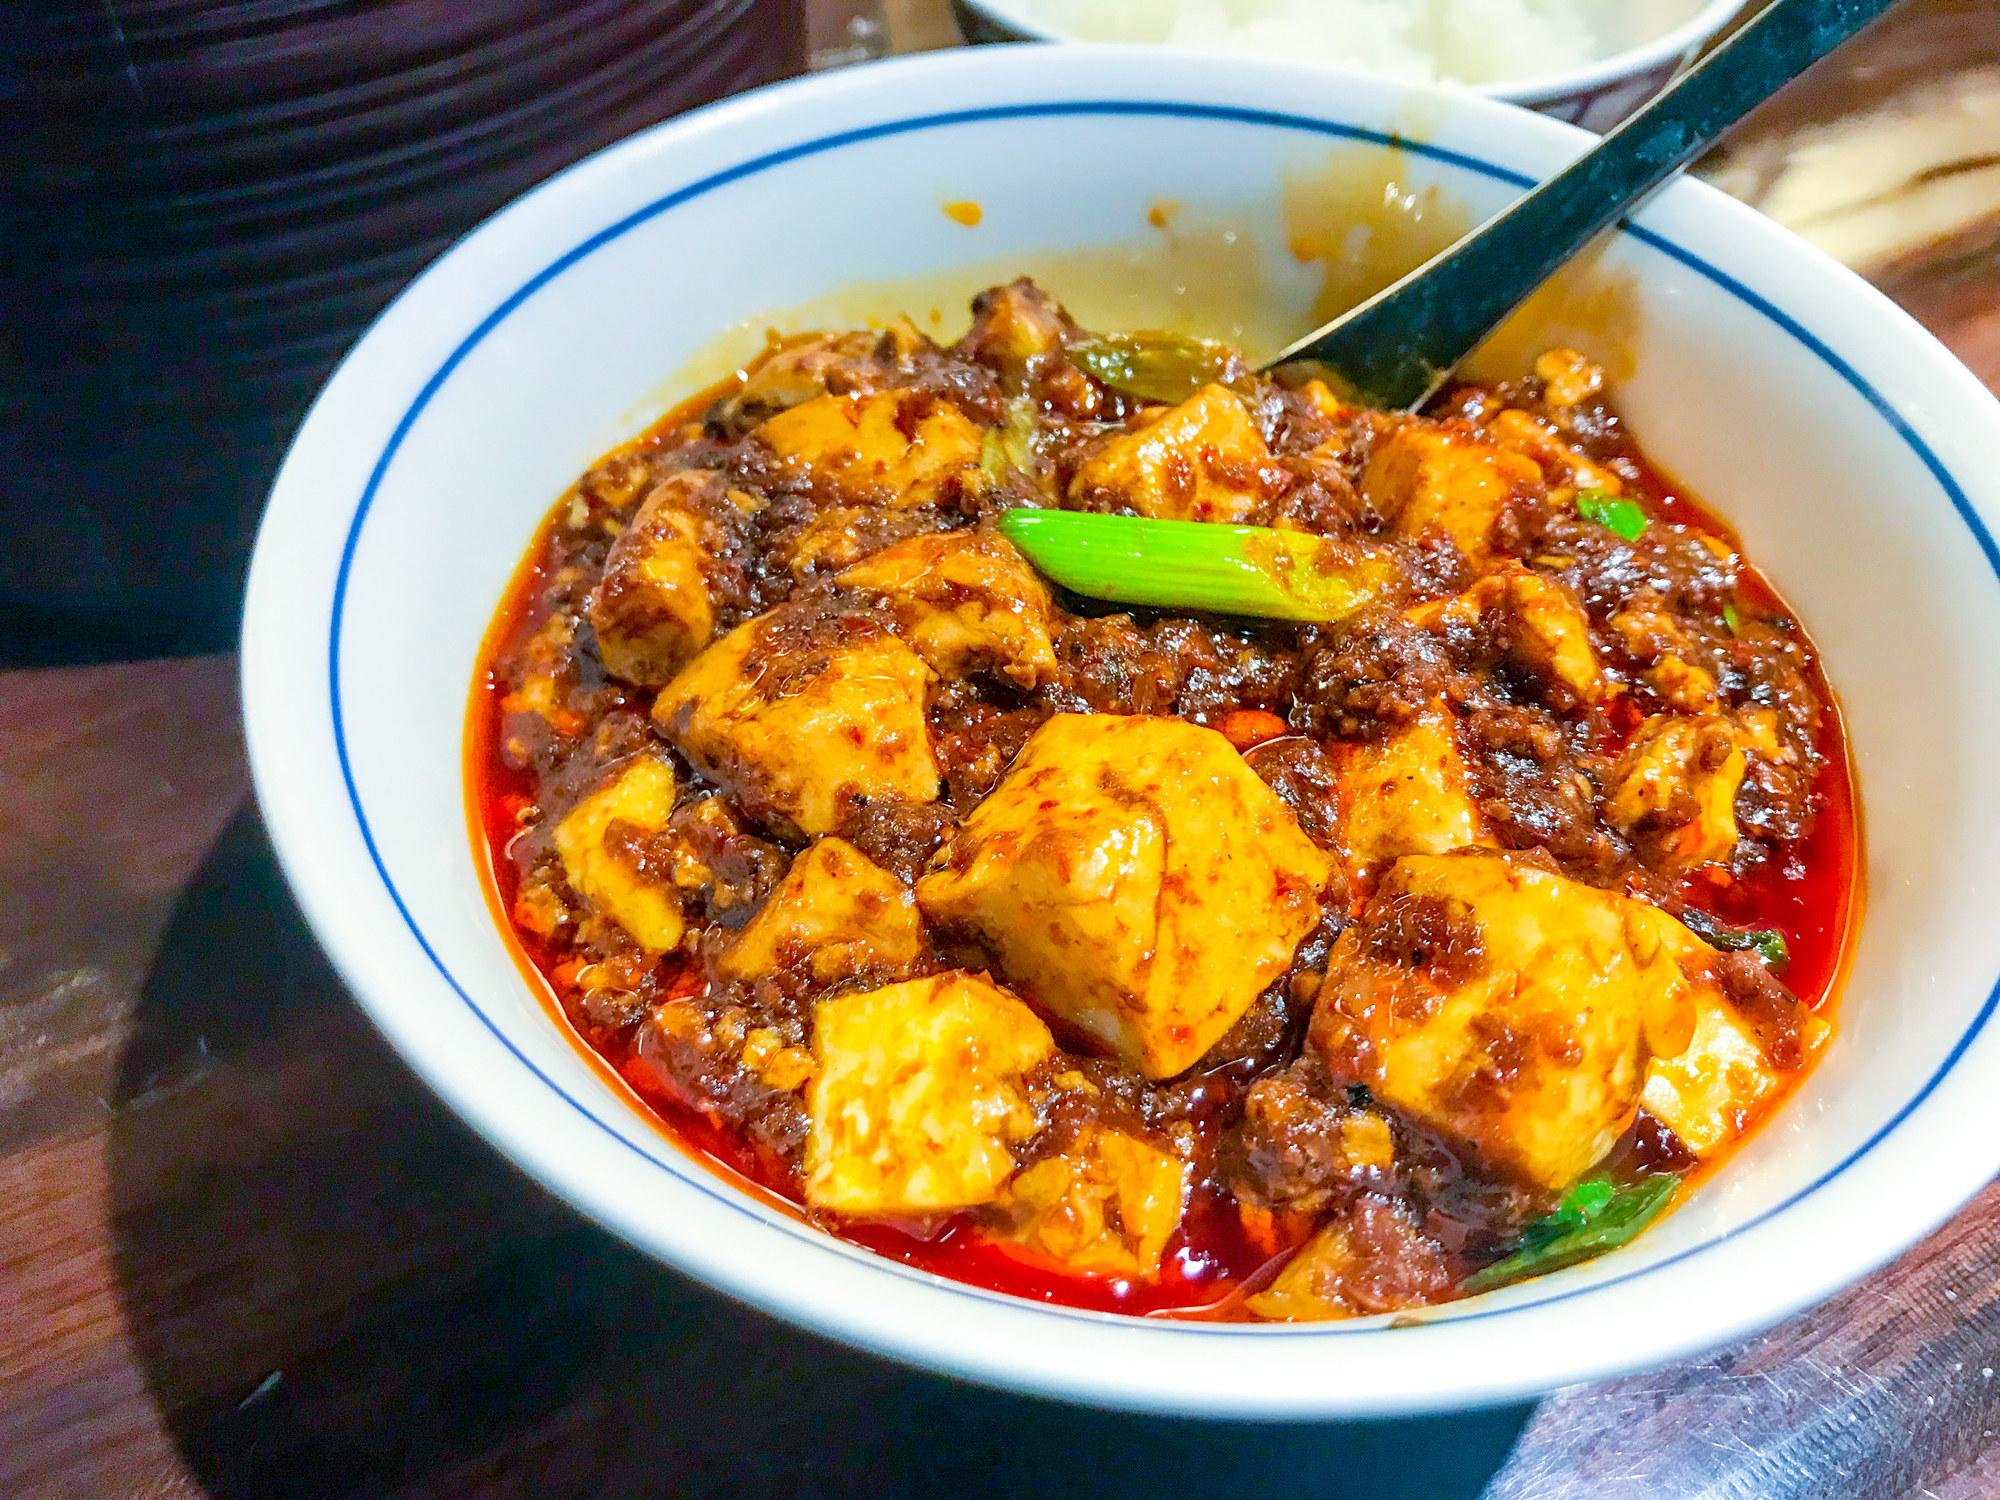 A bowl of mapo tofu with pork.